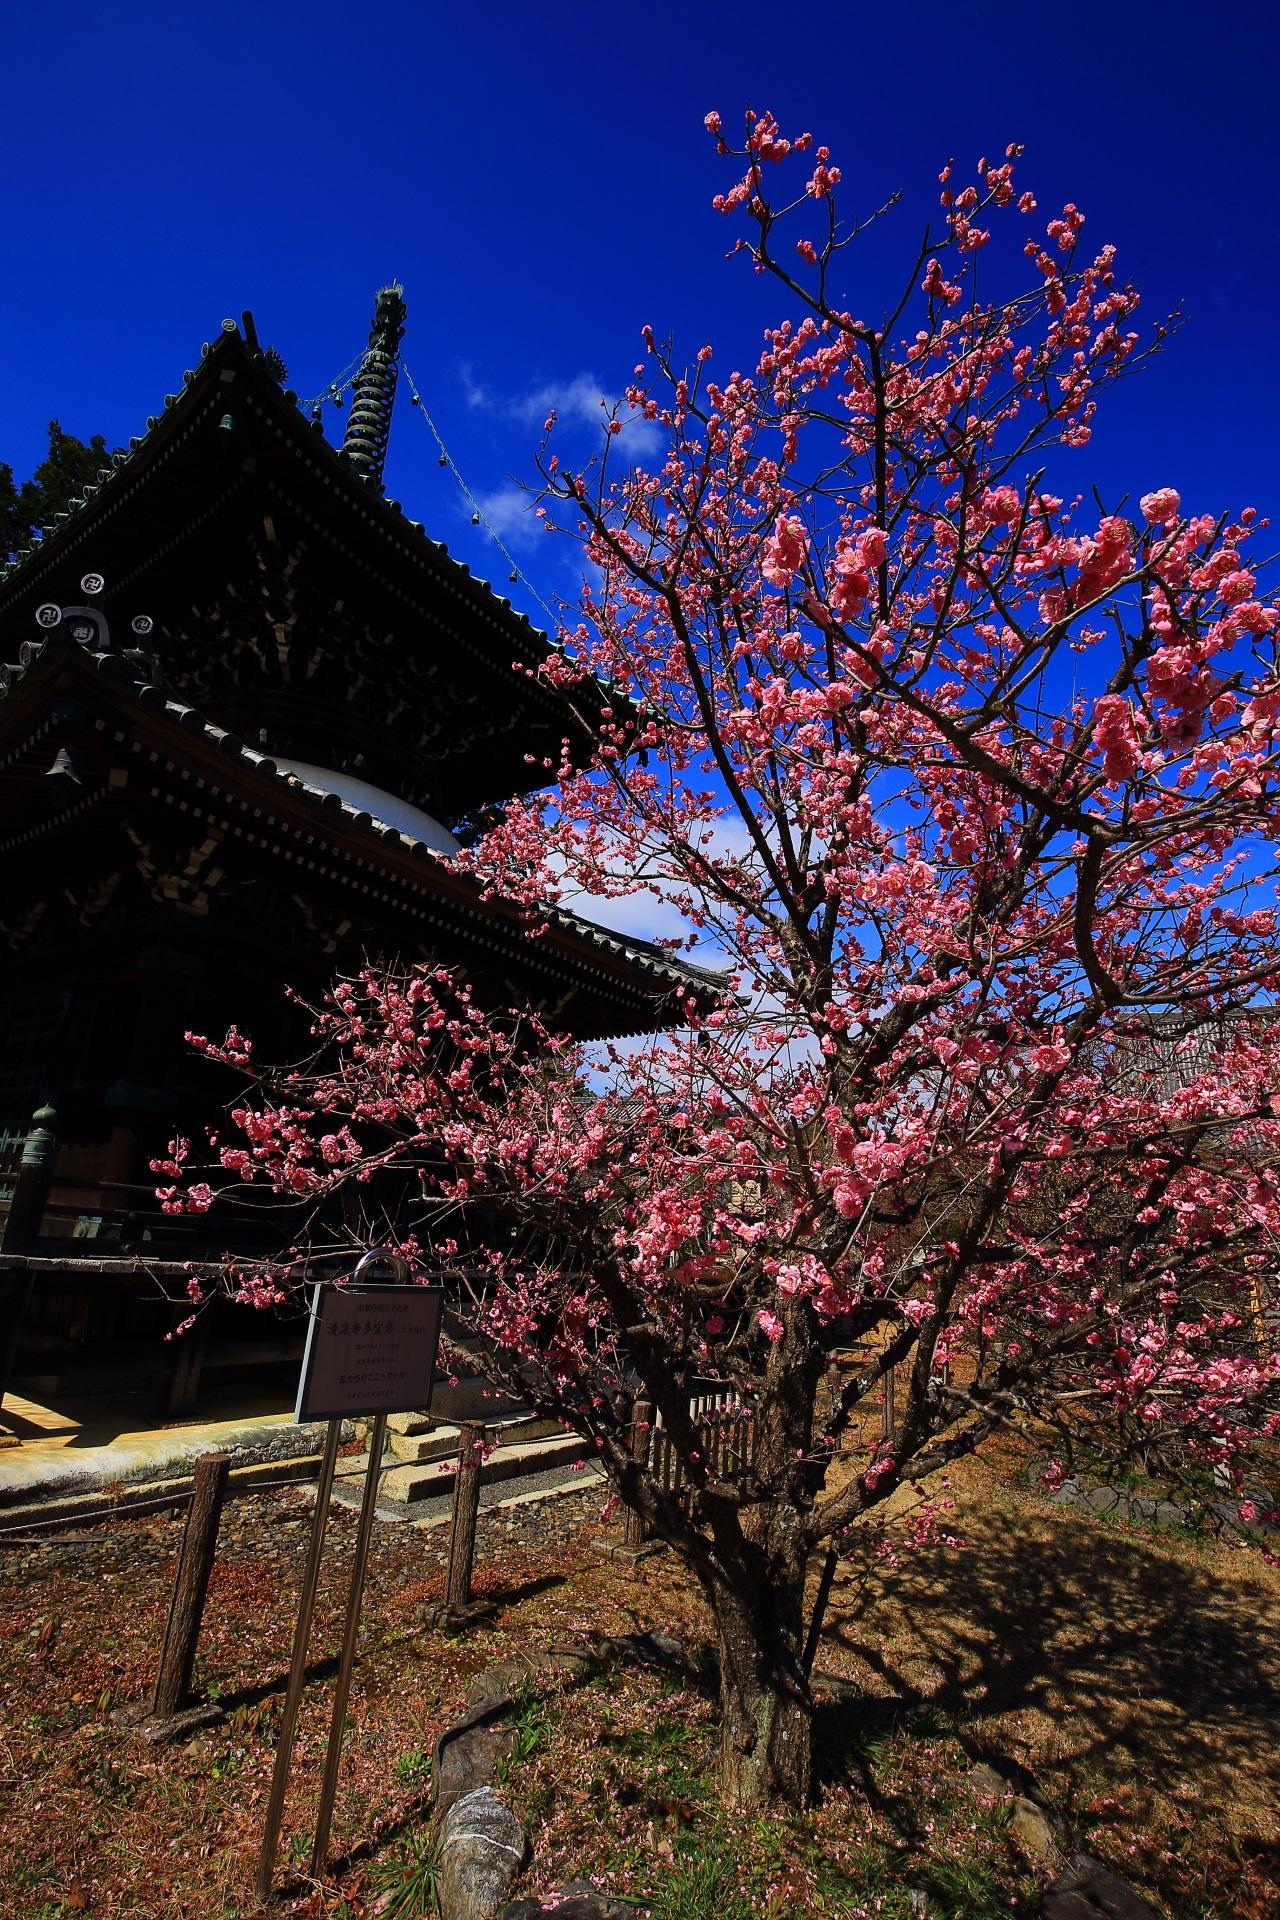 下から見上げた多宝塔と空を覆う満開の梅